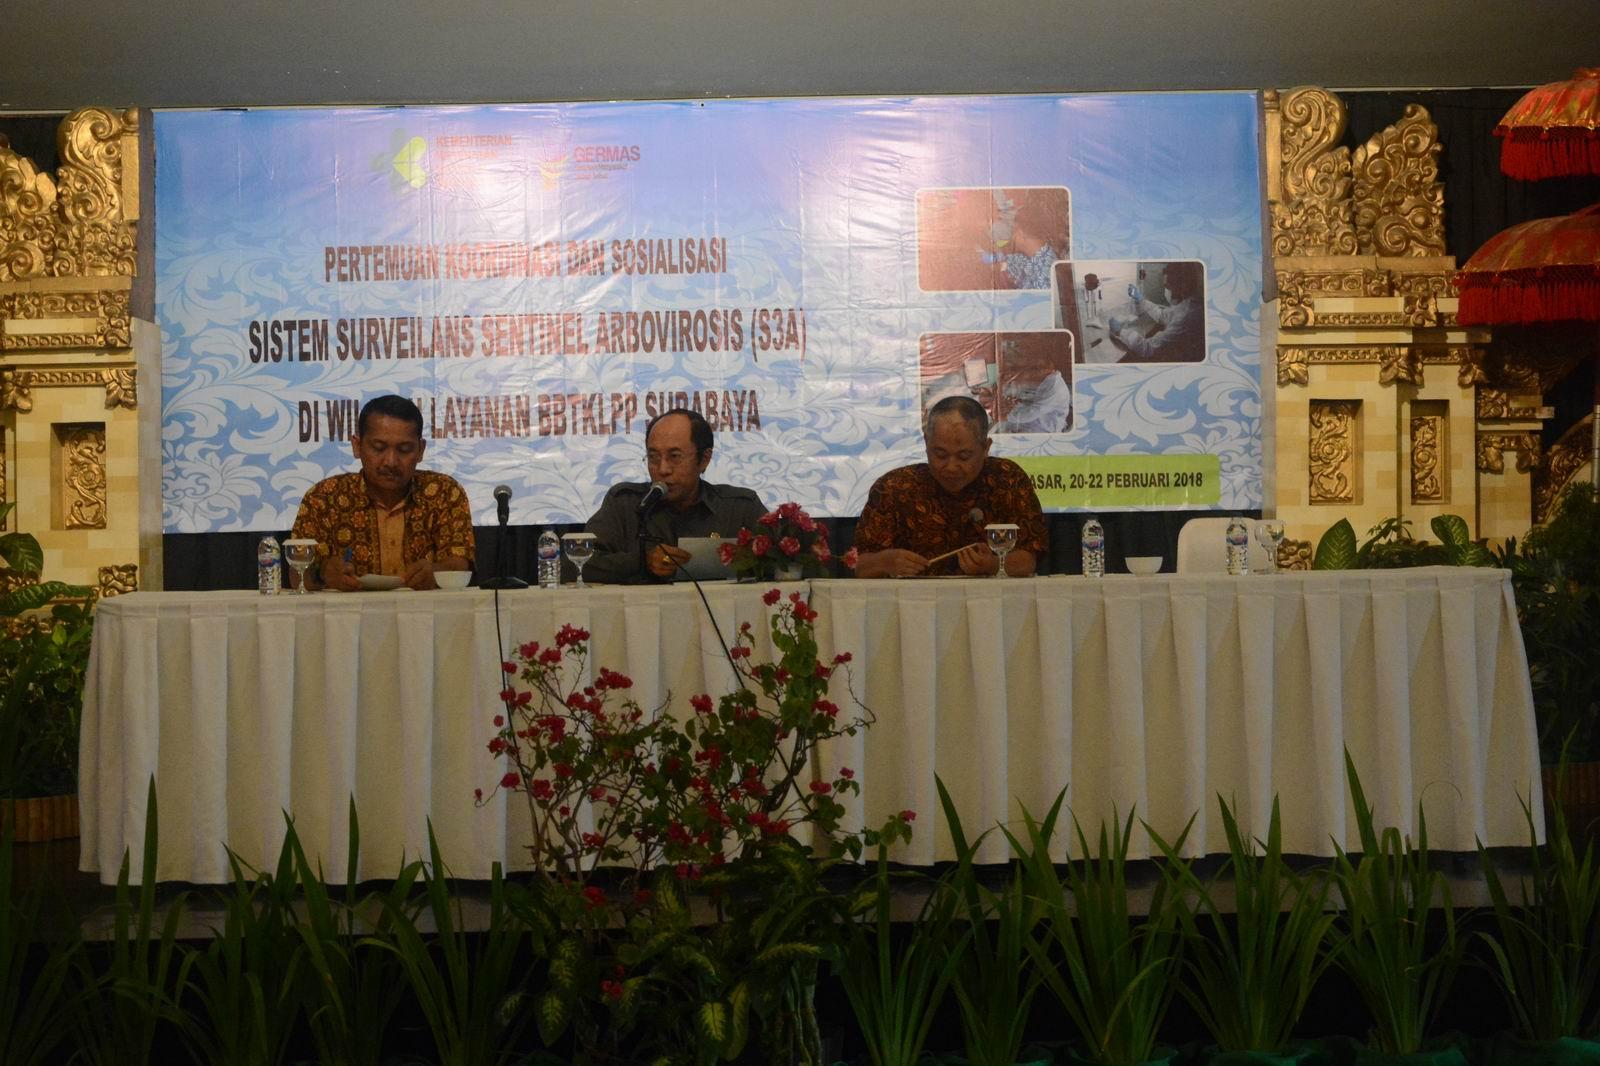 Pertemuan Koordinasi dan Sosialisasi Sentinel Arbovirosis di Wilayah Layanan BBTKLPP Surabaya